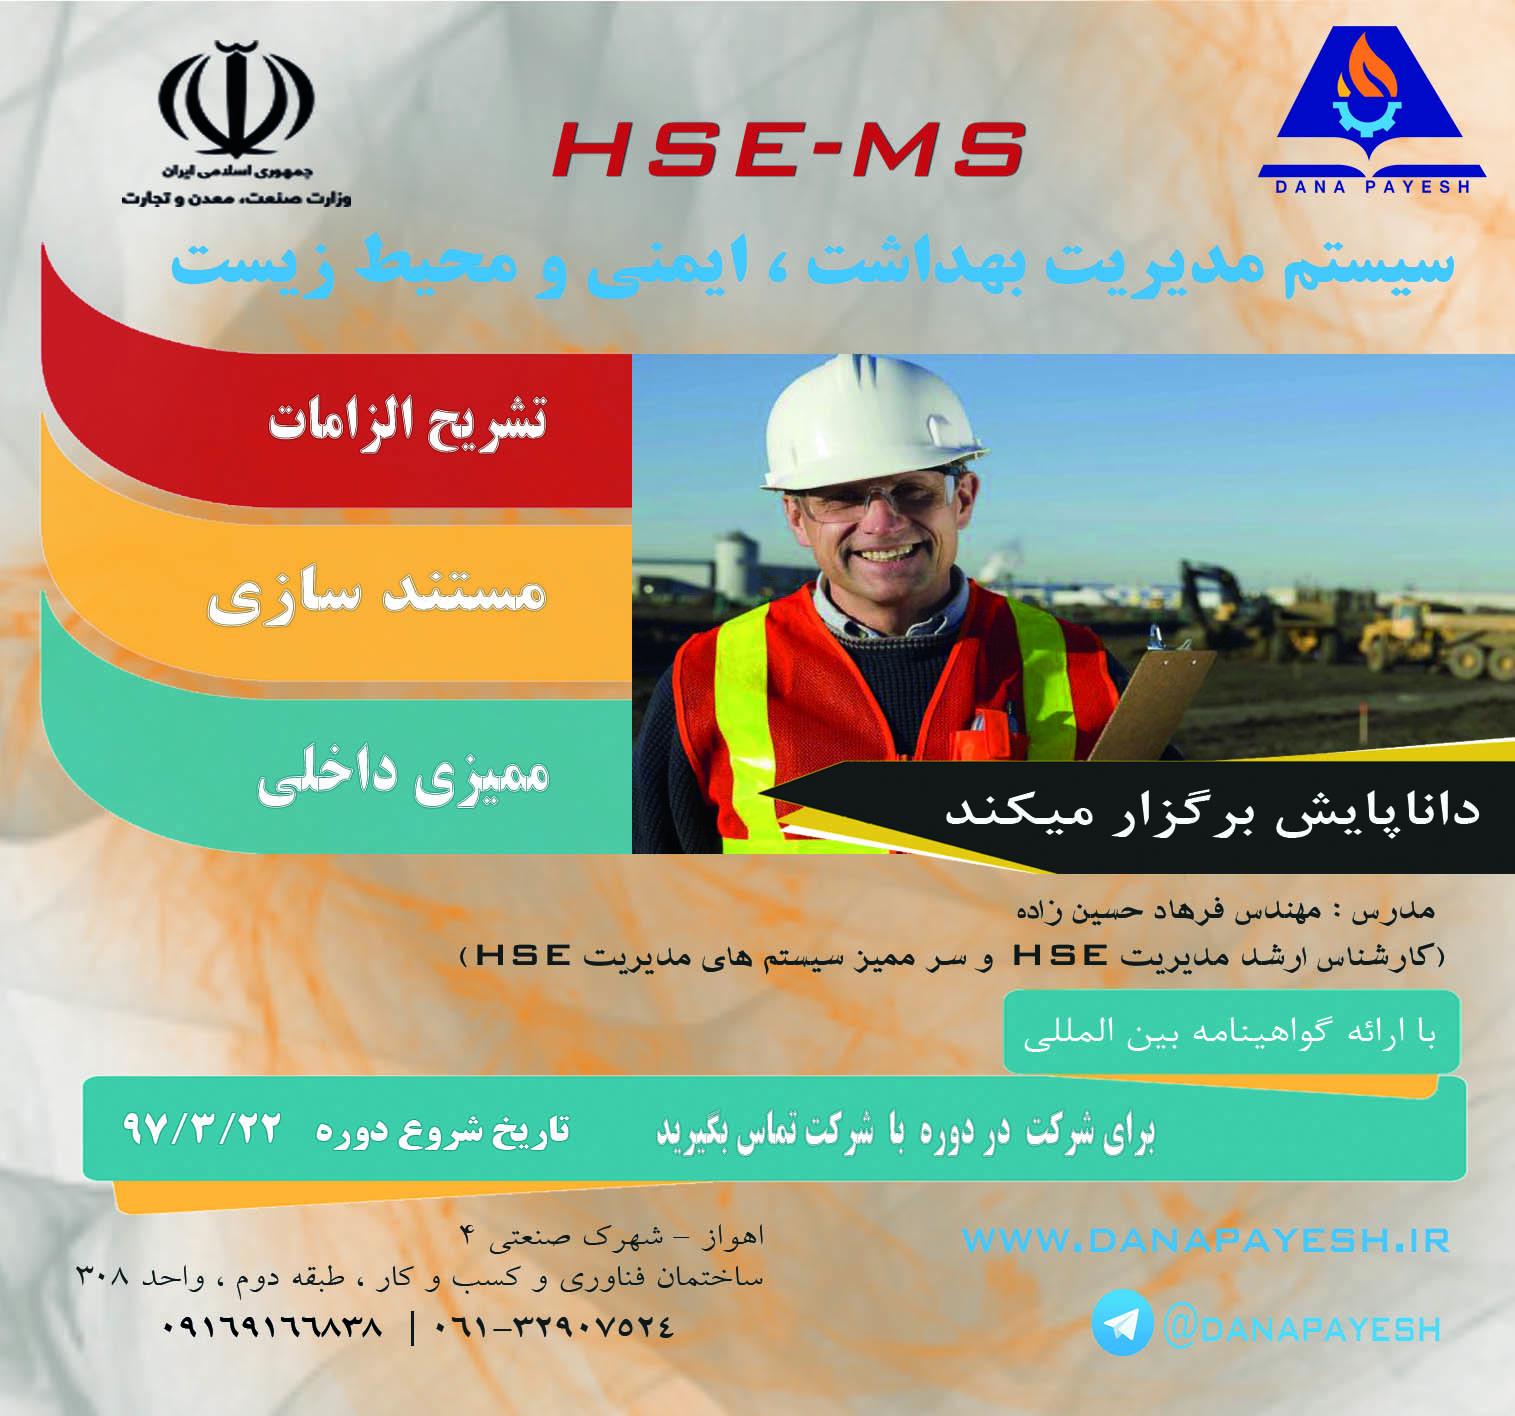 دوره های آموزشی سیستم مدیریت HSE